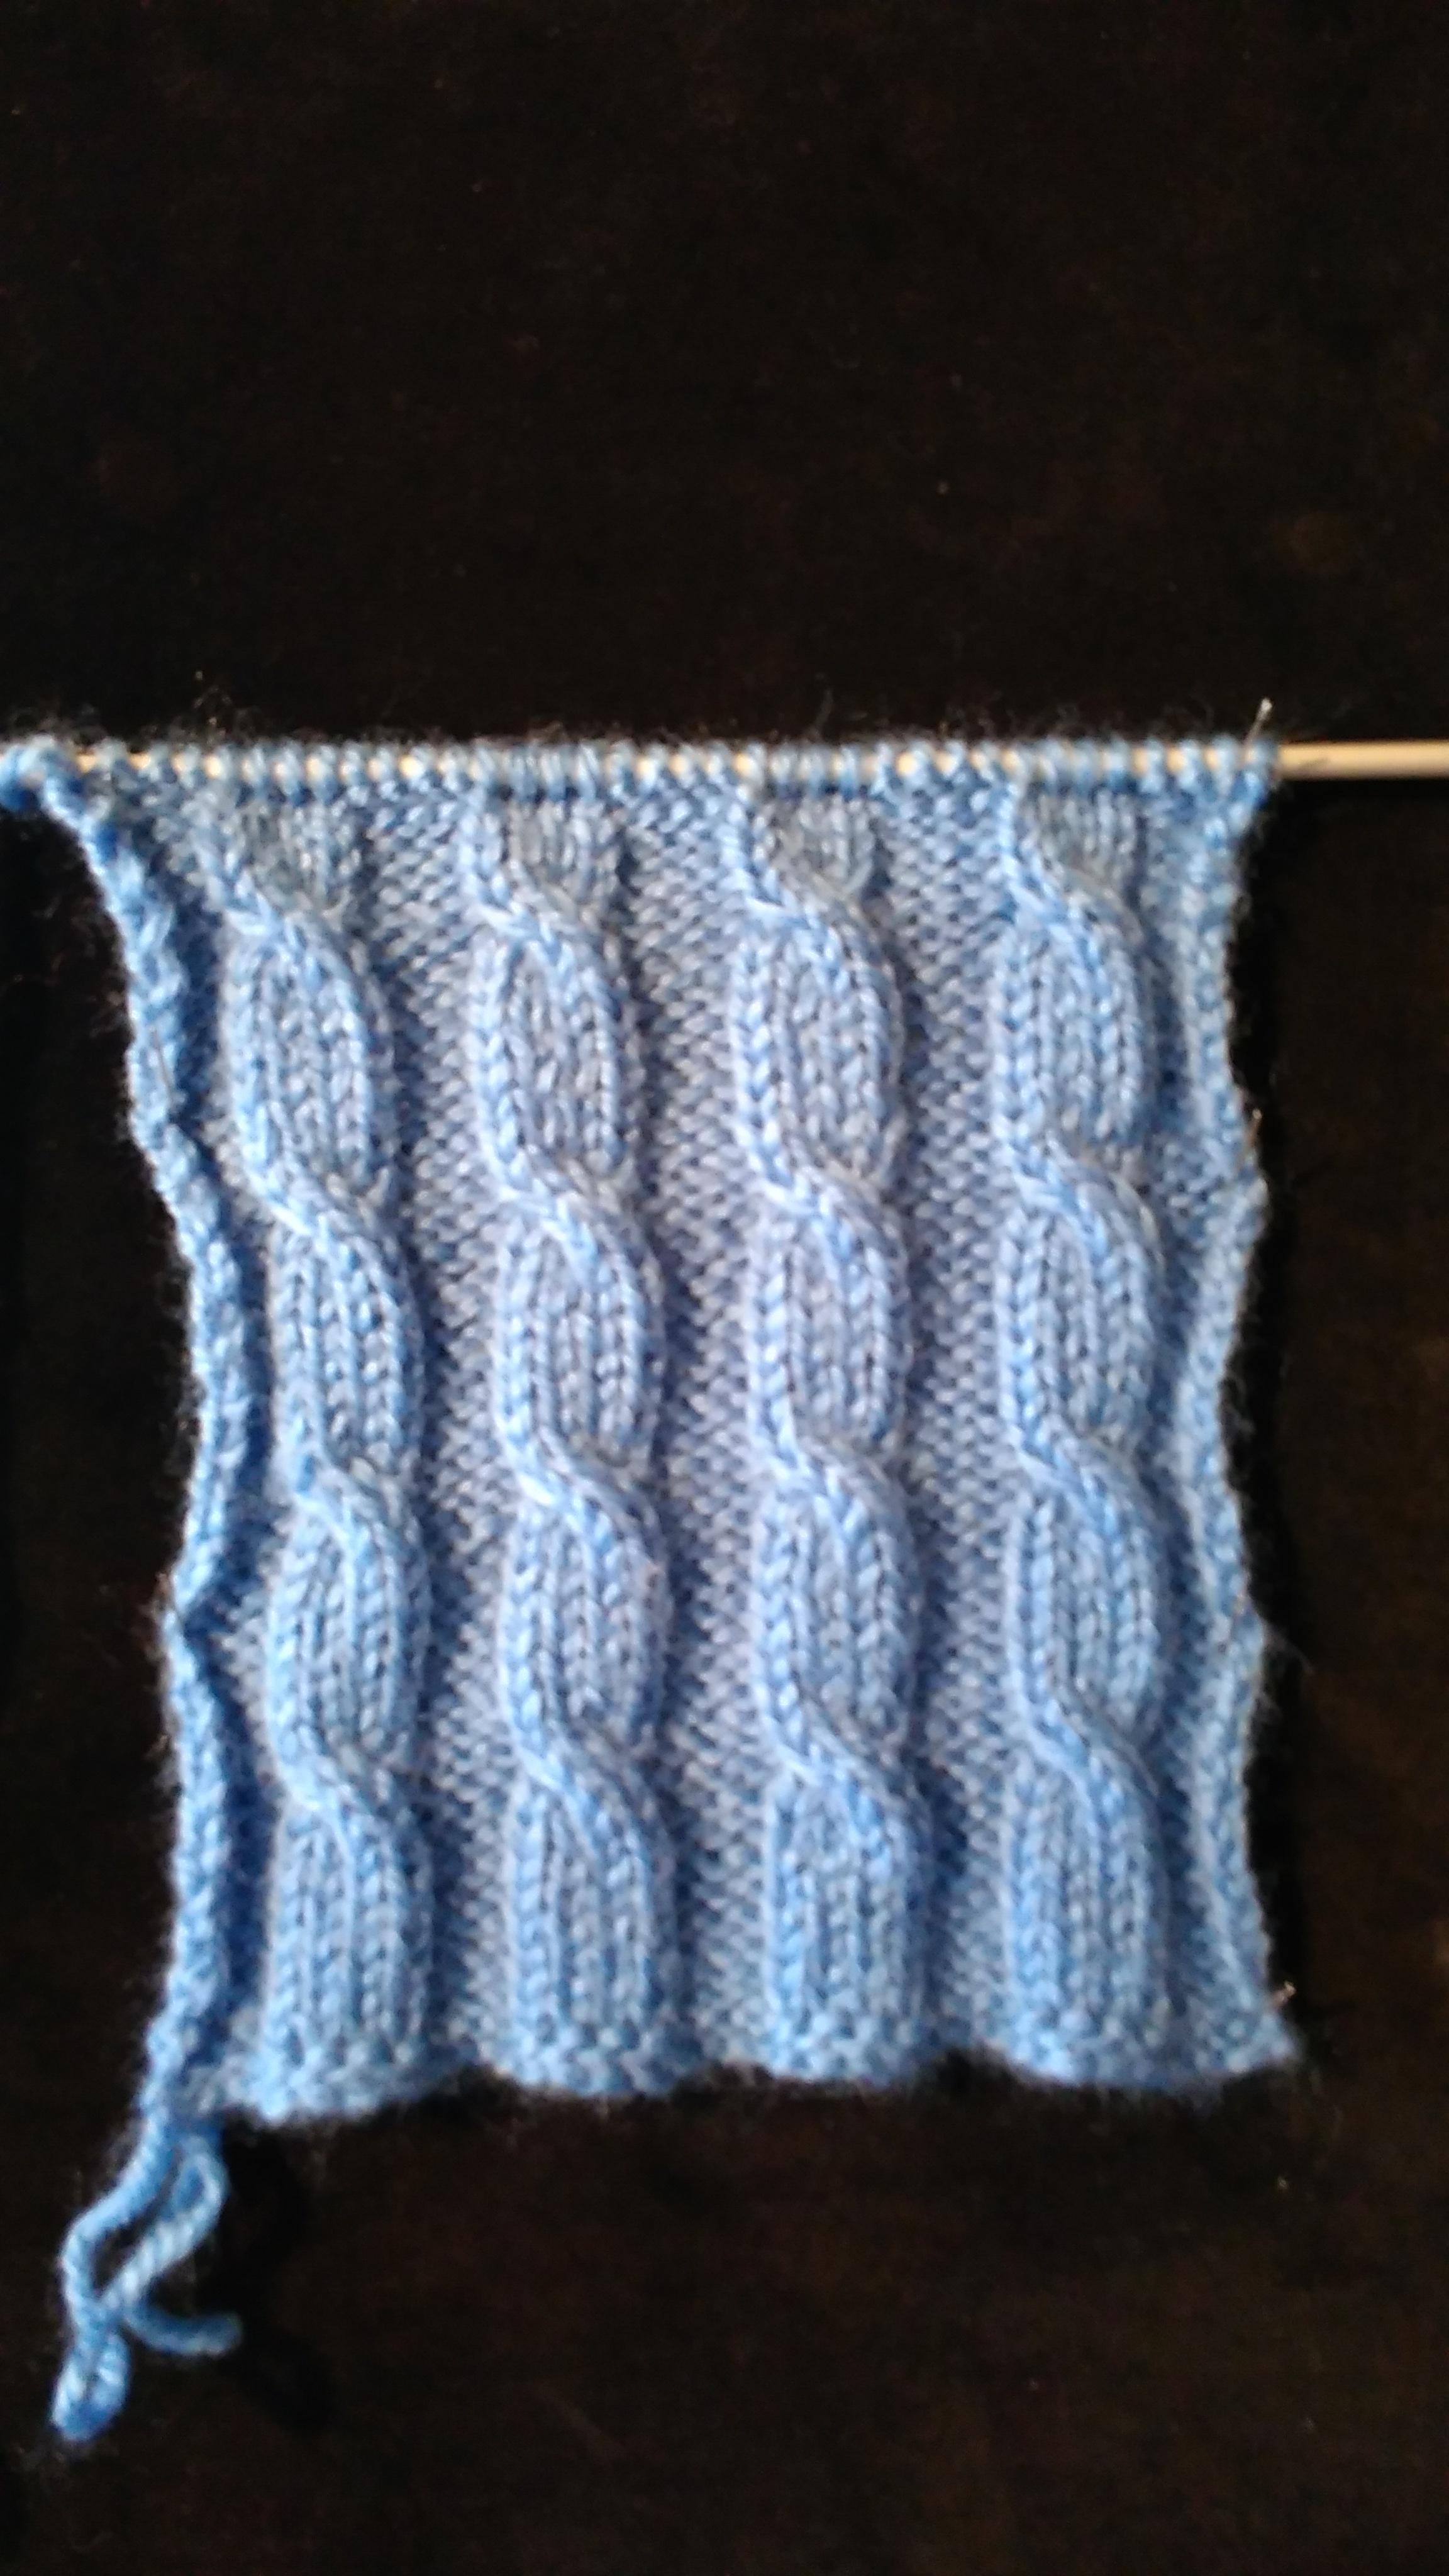 DK Knitting Patterns Free